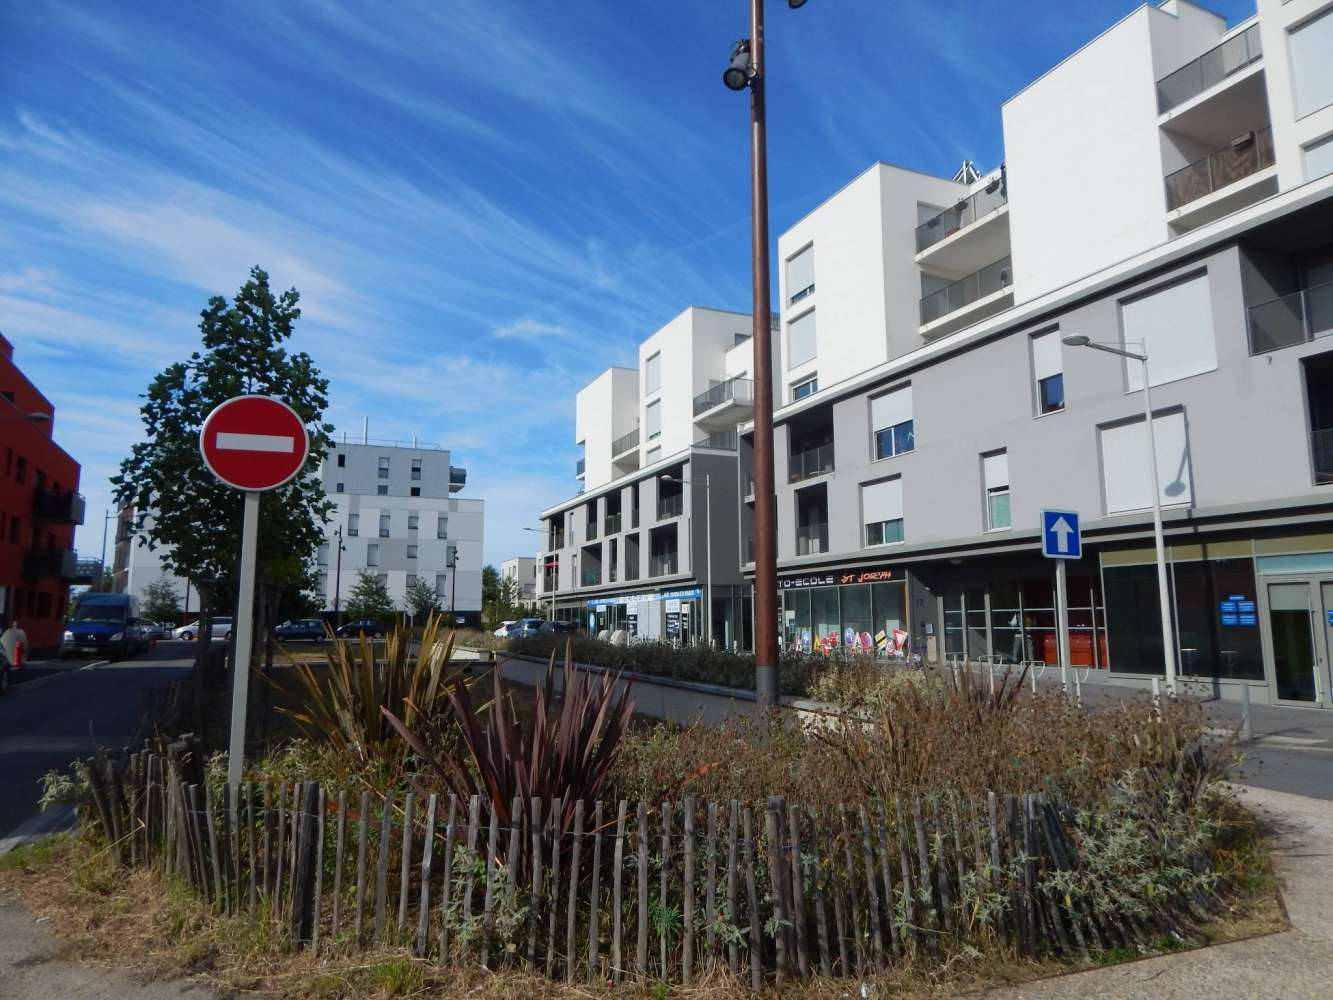 Activités/entrepôt Nantes, 44300 - 30. RUE DE LA PLANCHE AU GUE - 10804297